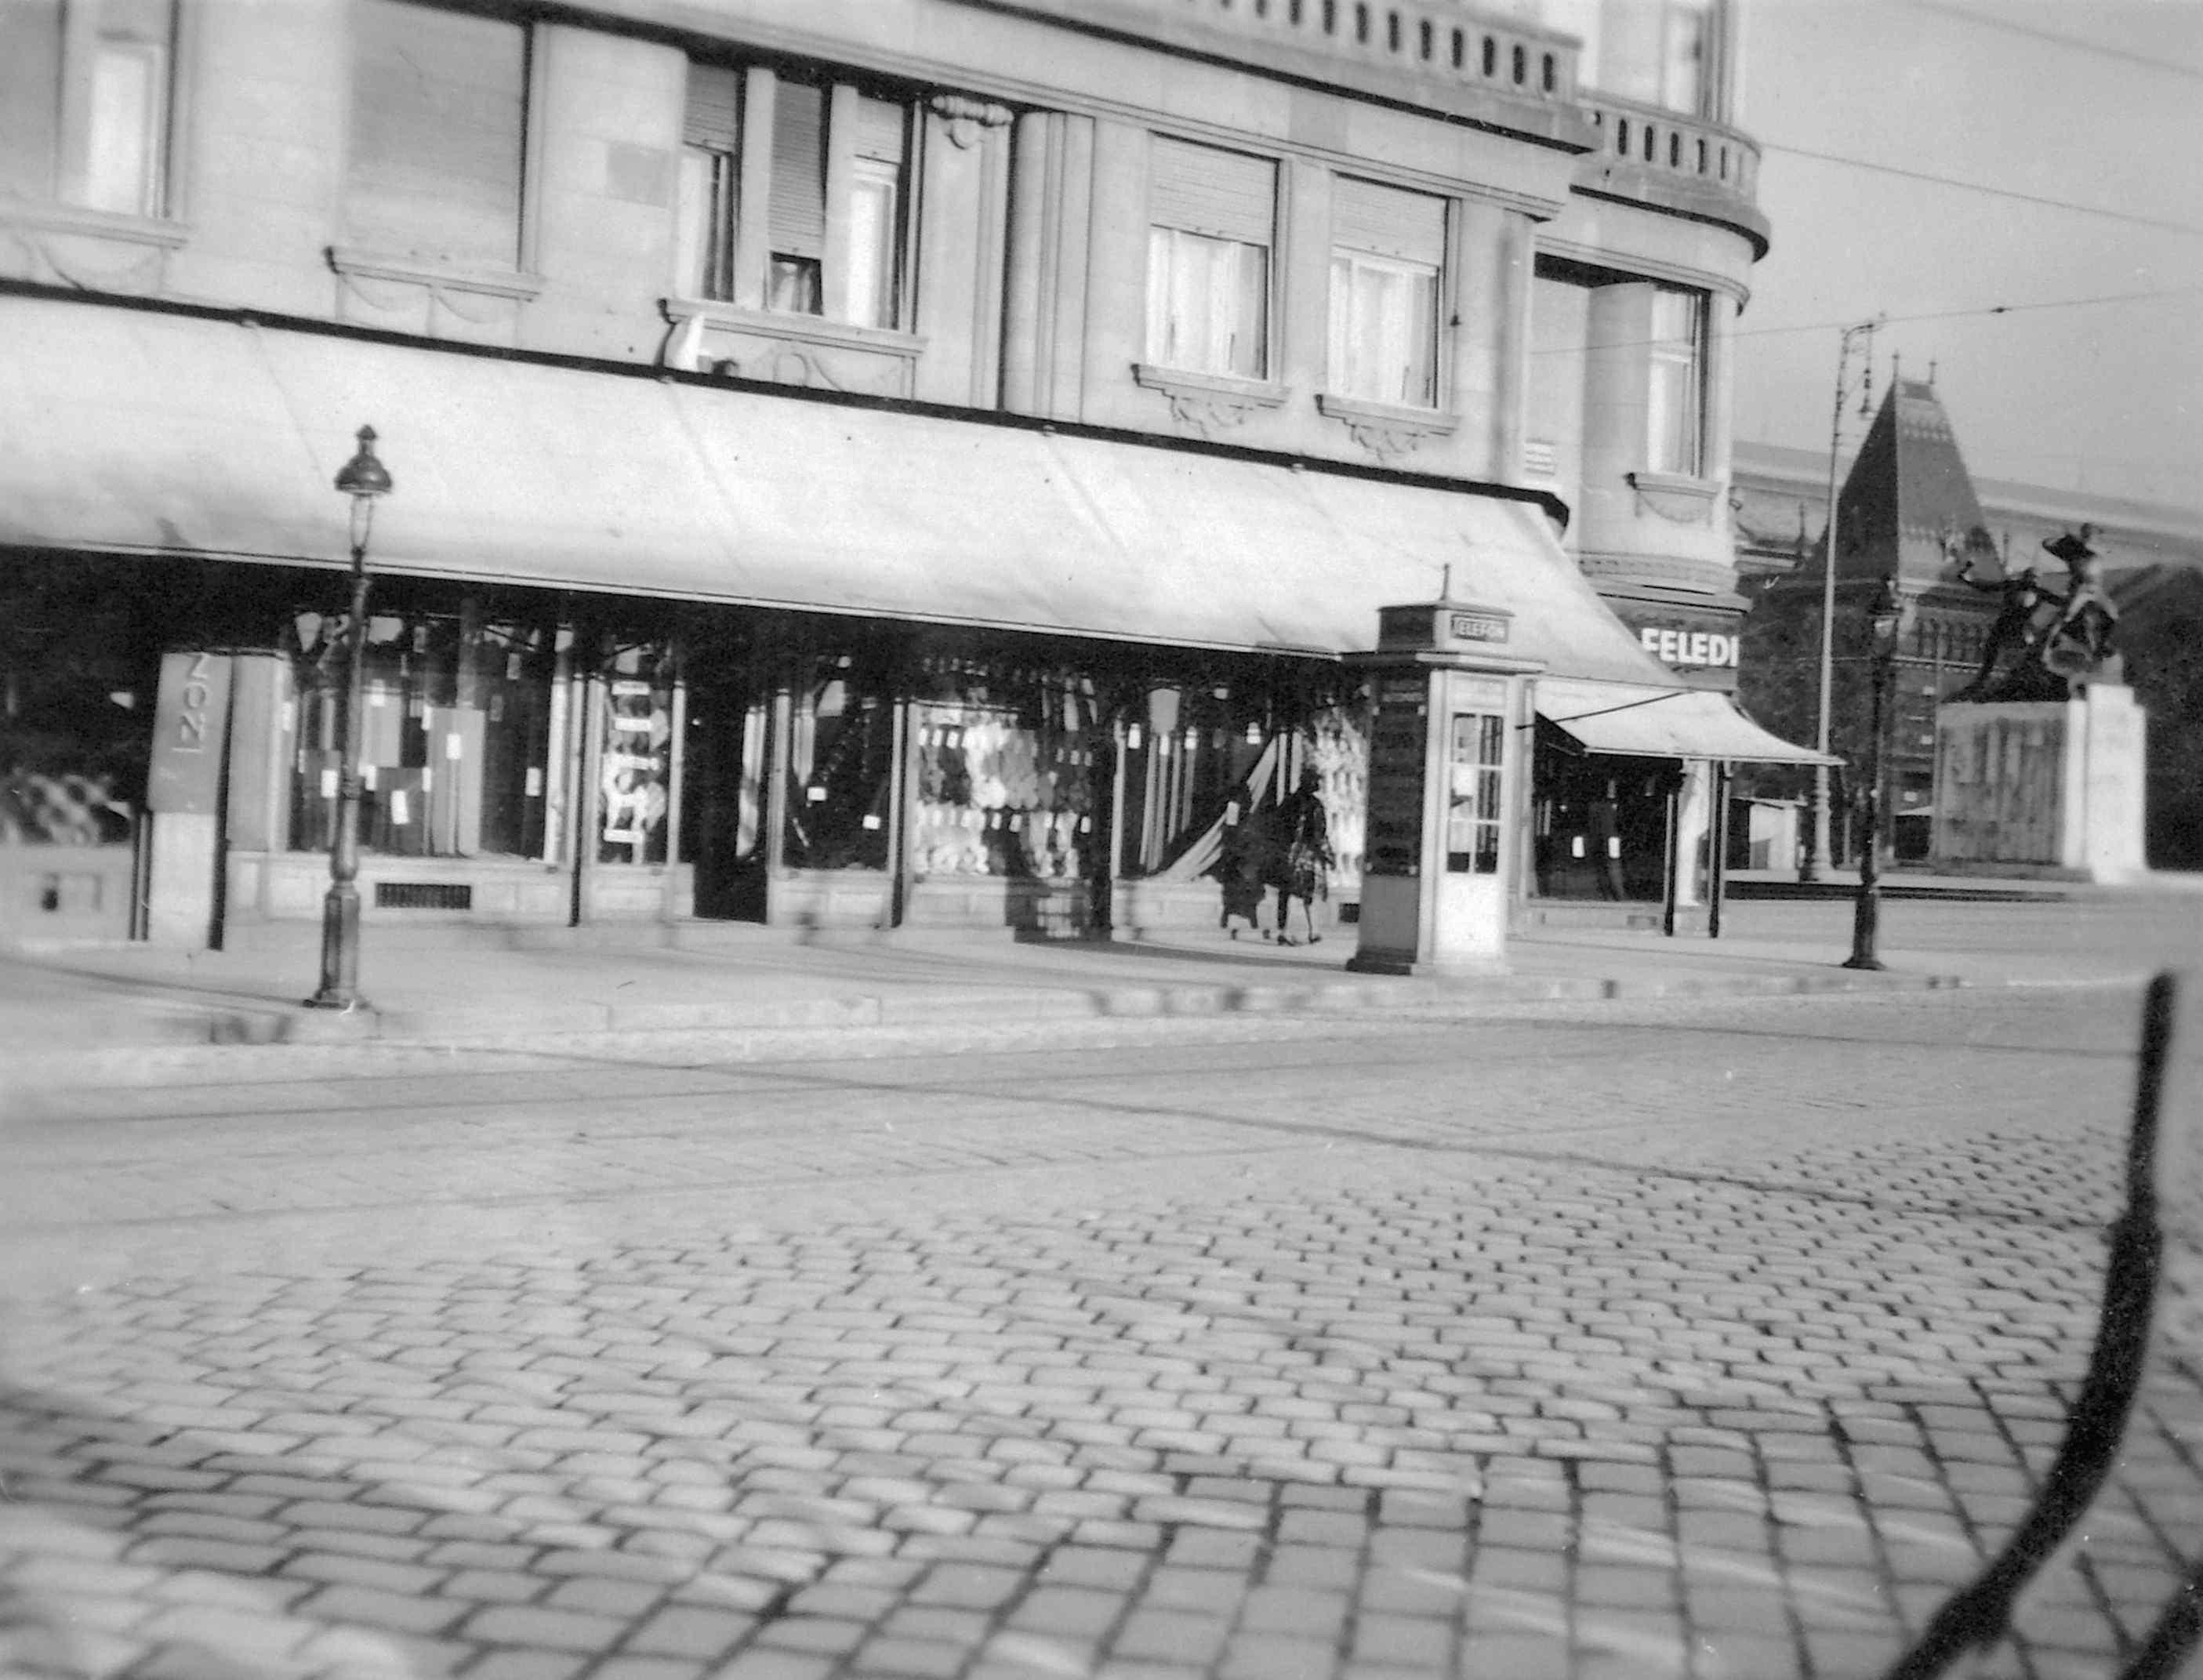 A ház földszintjén a rakpart felőli oldalon is üzletek működtek.<br />A Belgrád (Ferenc József) rakpart - Fővám tér sarka 1935 körül, háttérben az 1. honvéd és népfölkelő gyalogezred emlékműve a Fővám téren.<br />Forrás: Fortepan #07582